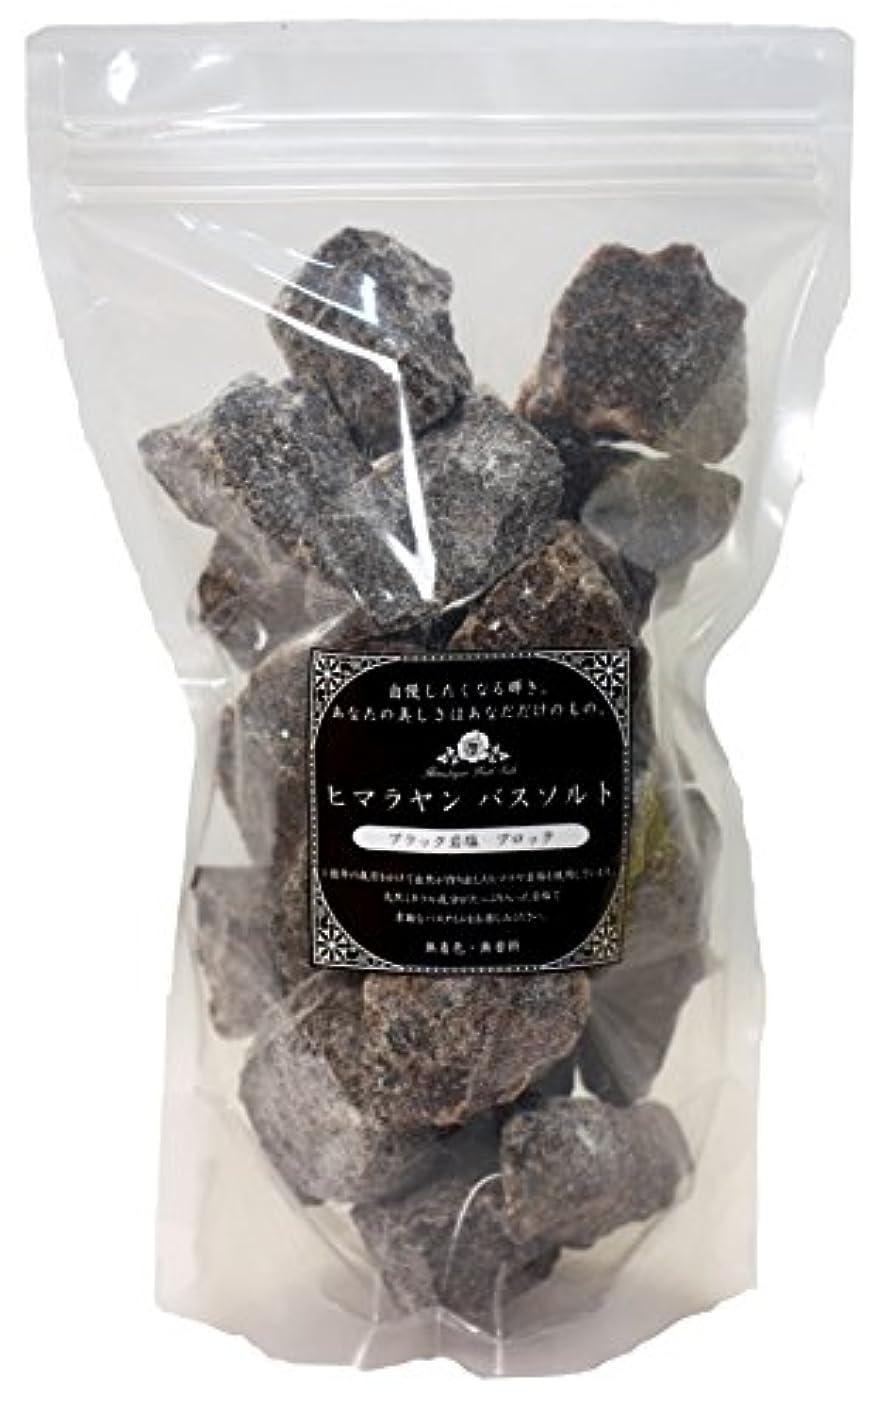 おとこキロメートル闇ヒマラヤンバスソルト 岩塩ブラック ブロック 1.2㎏